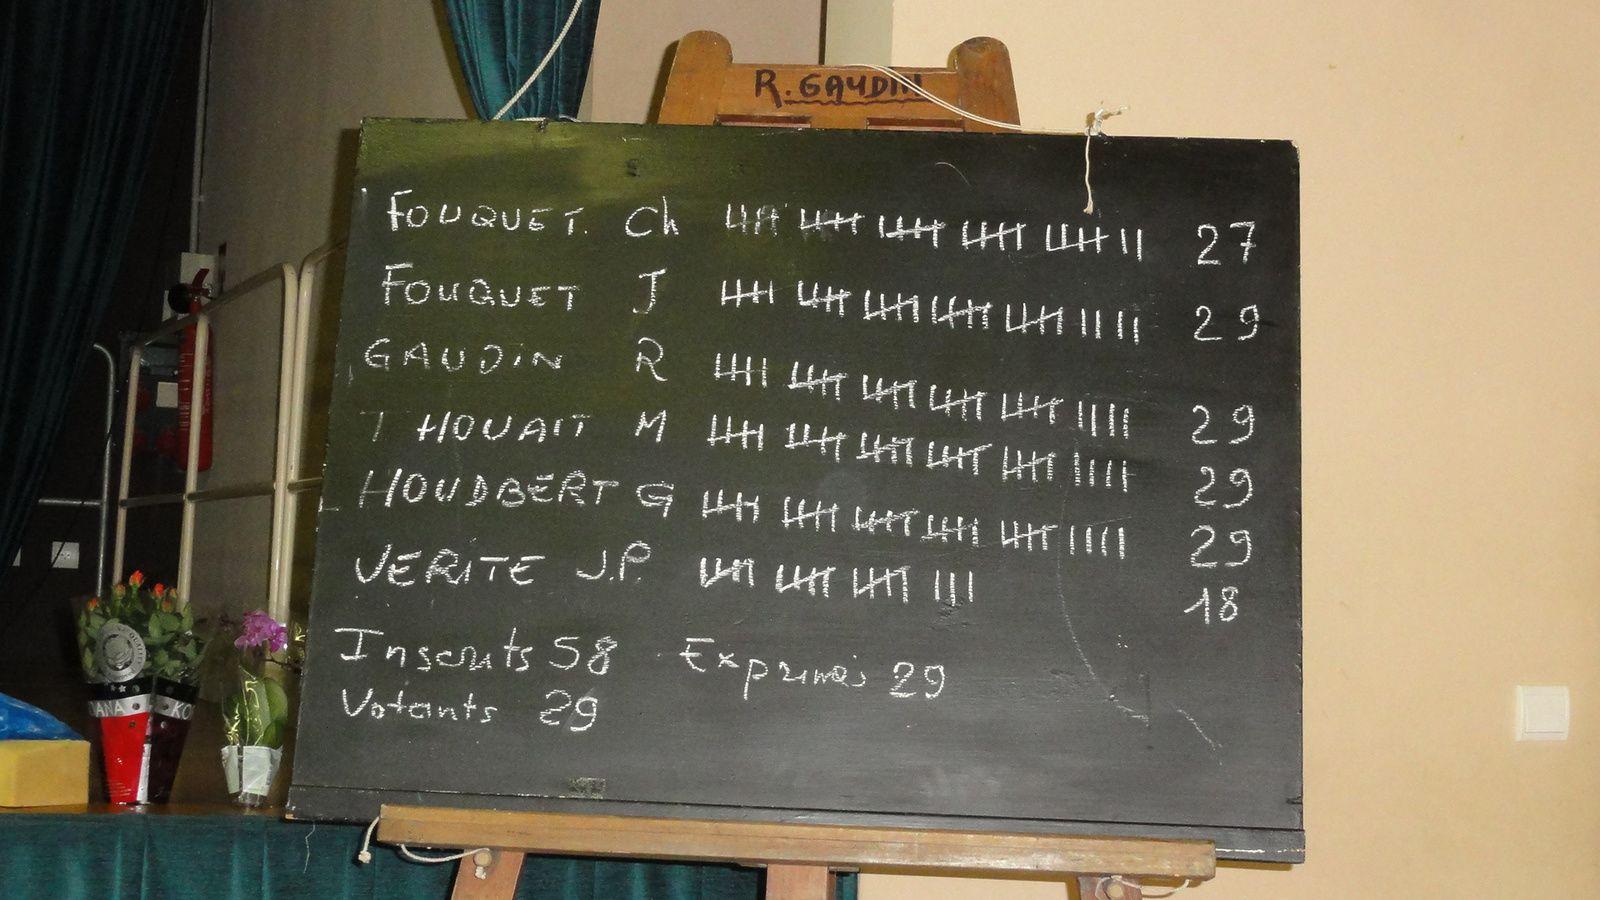 La Journaliste de Le Maine Libre encompagnie d'un Responsables .La journaliste de Le Petit Courrier deu Val de Loir questionne un Responsable.